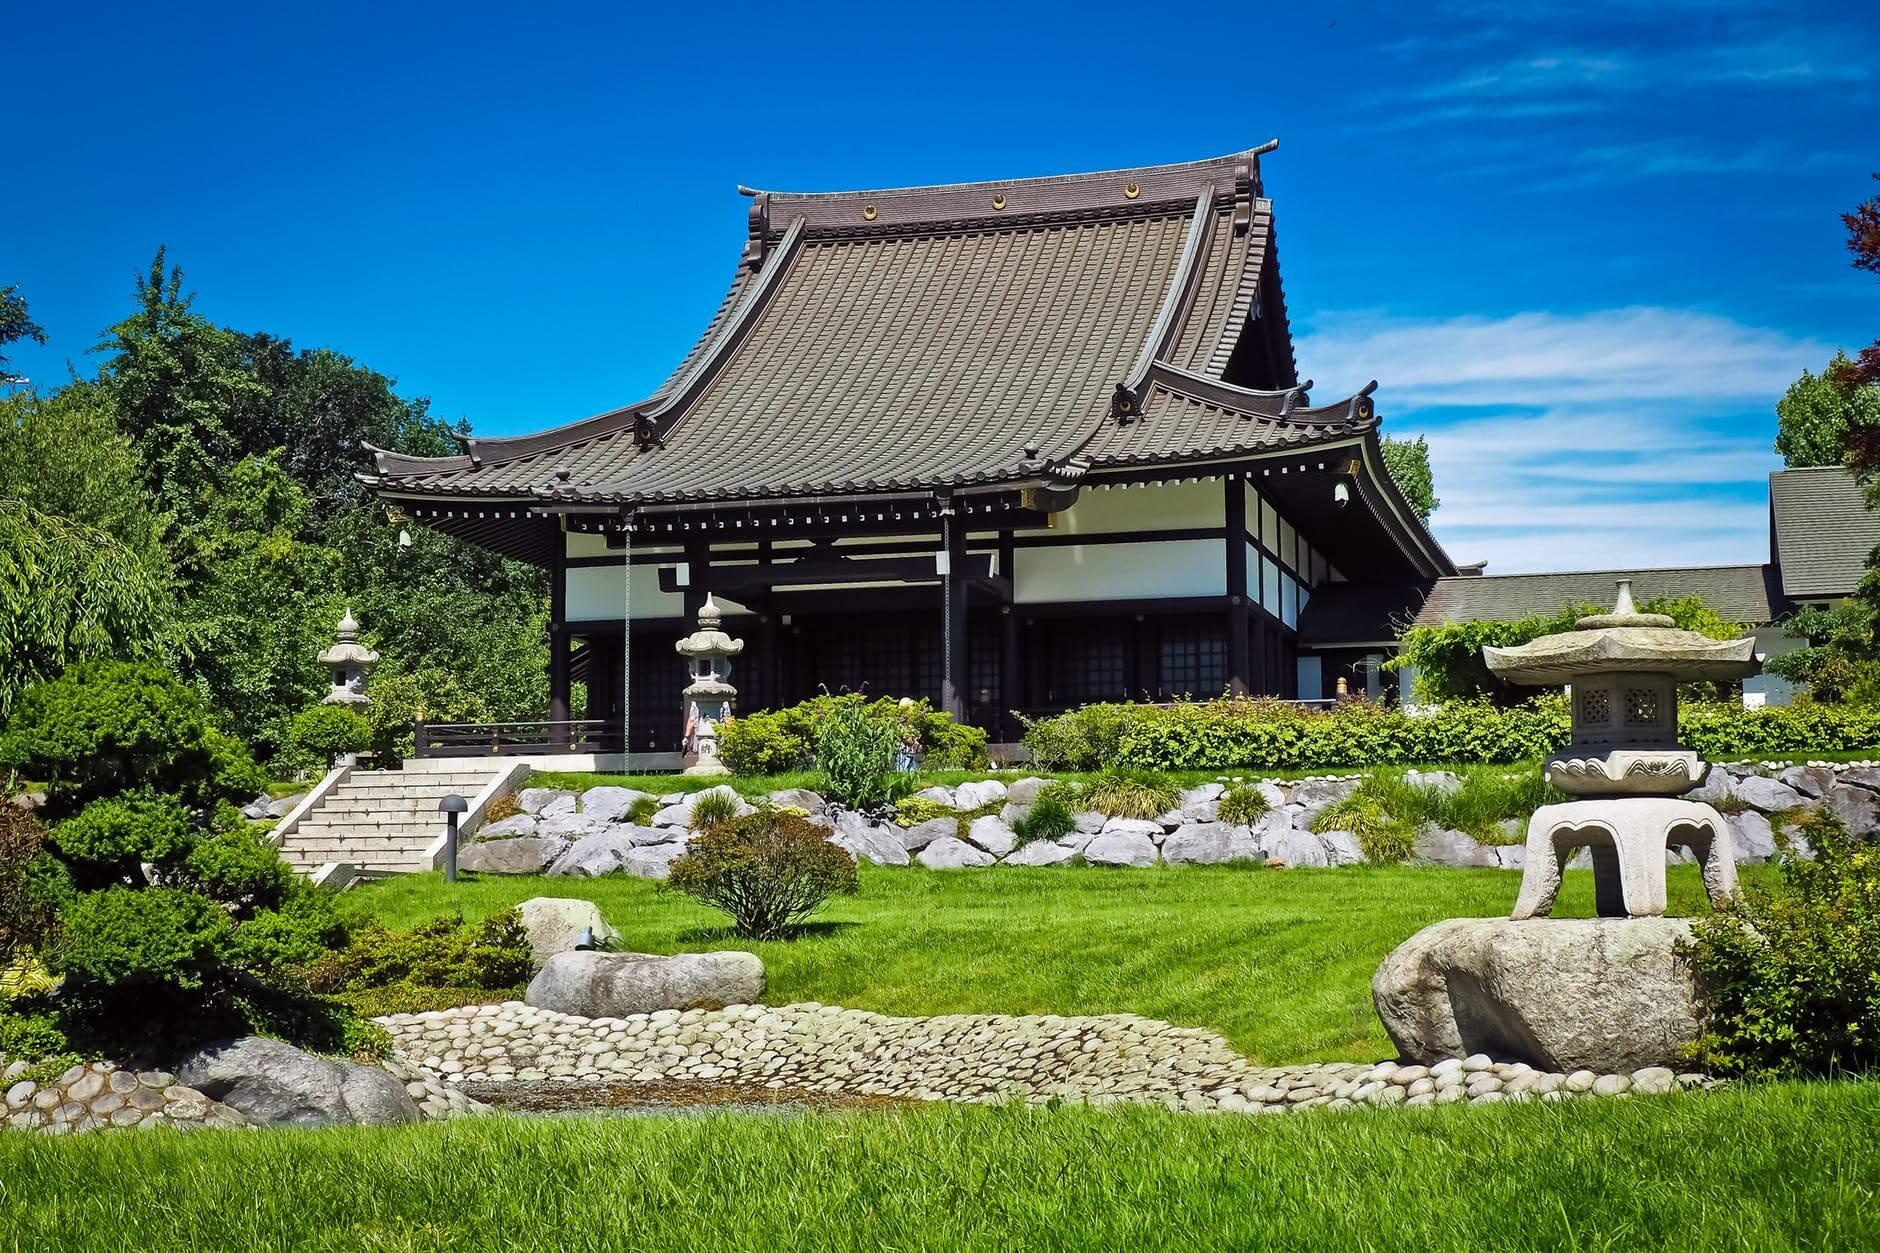 Home design and garden ideas